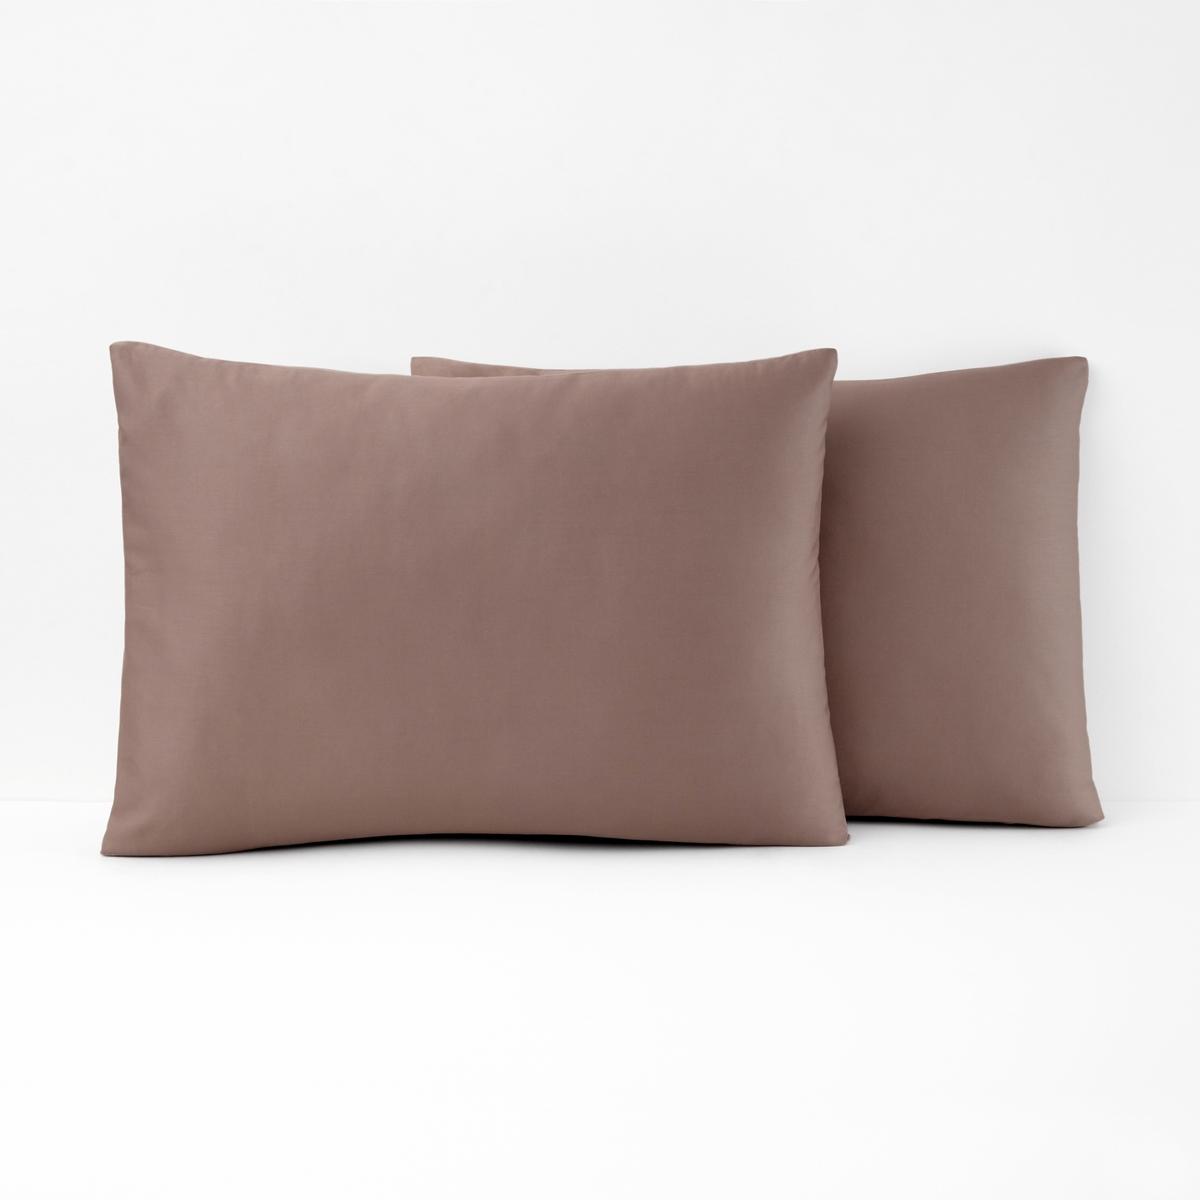 Fronha de almofada em cetim de algodão